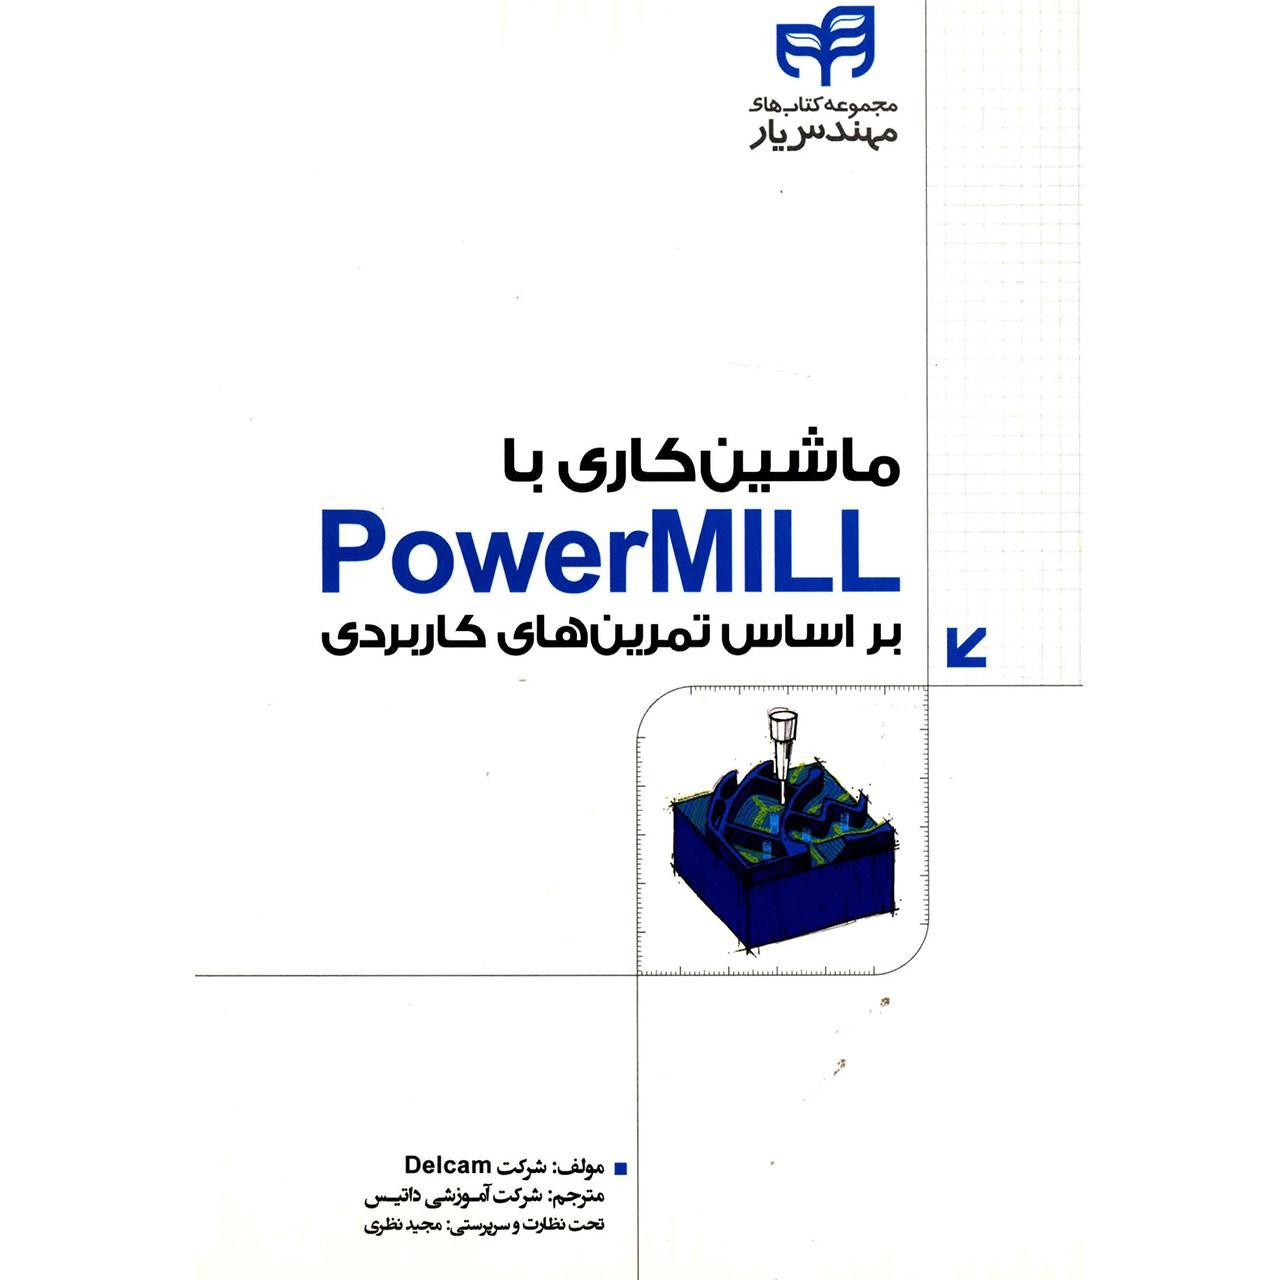 کتاب ماشین کاری با PowerMILL  بر اساس تمرین های کاربردی اثر شرکت Delcam